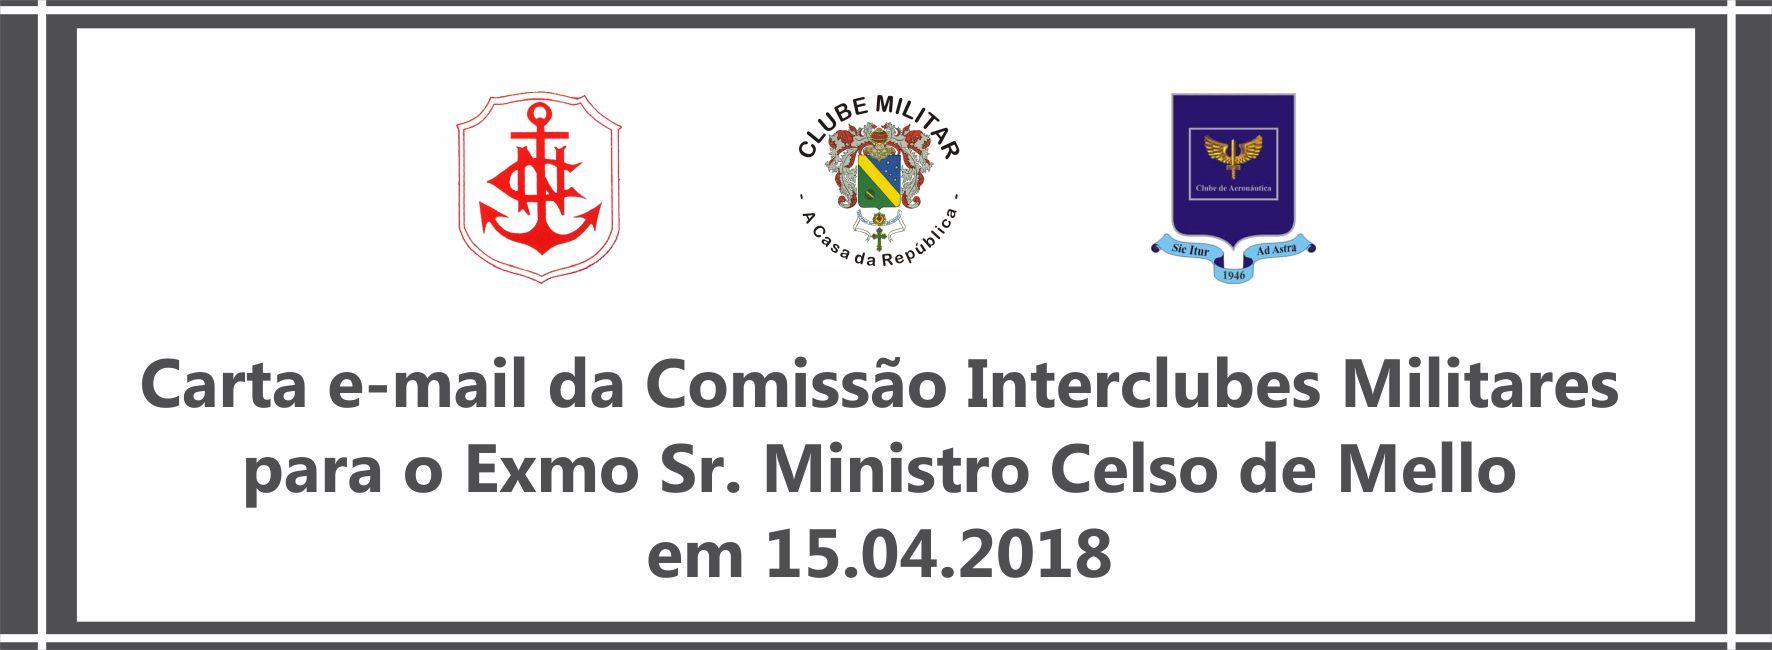 https://www.clubenaval.org.br/novo/carta-e-mail-da-comiss%C3%A3o-interclubes-militares-para-o-exmo-sr-ministro-celso-de-mello-em-15042018